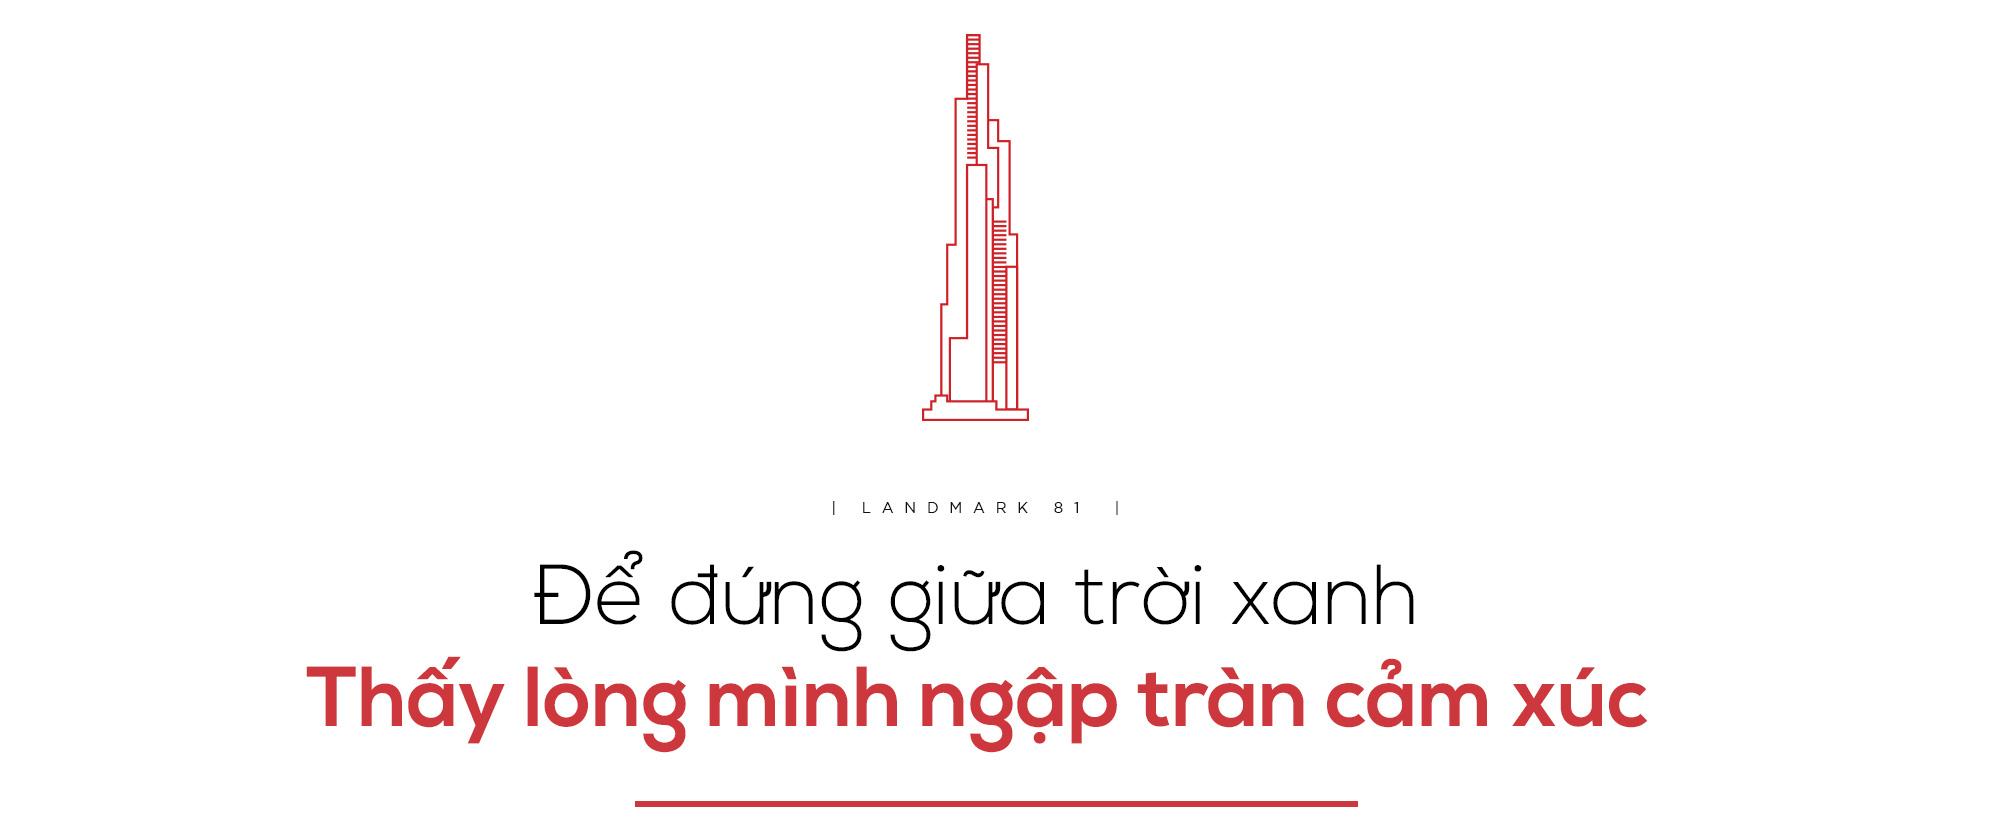 """Du học sinh về nhà hậu COVID-19: """"Việt Nam thân thương chắc chắn sẽ tiếp tục khiến chúng ta tự hào!"""" - Ảnh 5."""